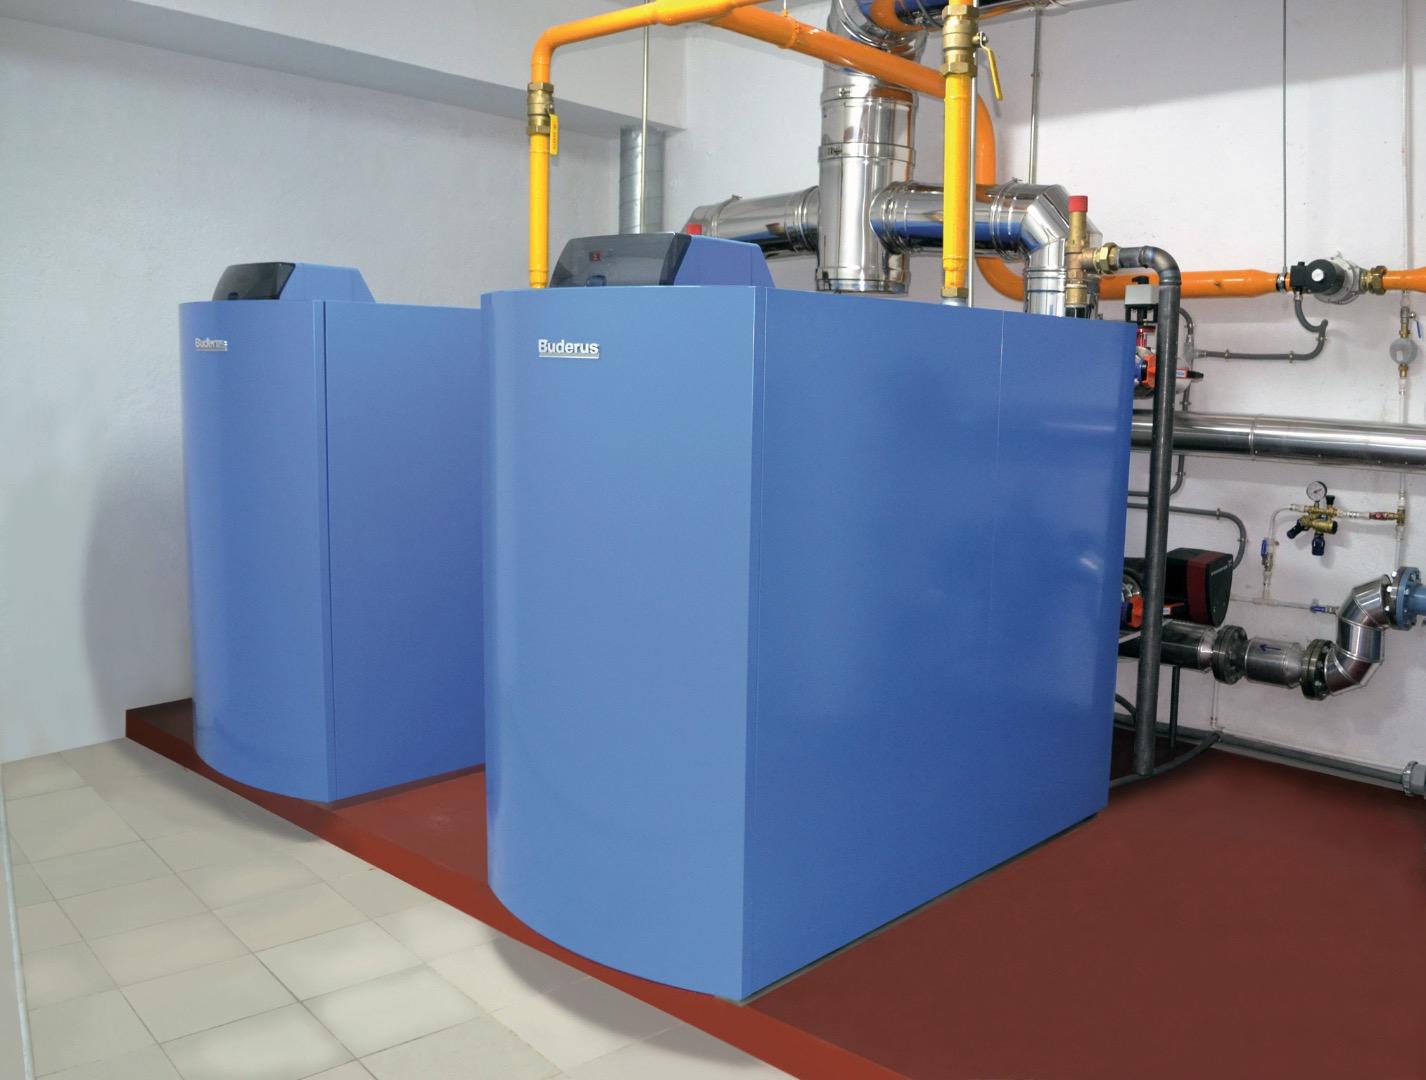 Aquastil calefacci n central instalaci n y mantenimiento - Calderas de gas ...